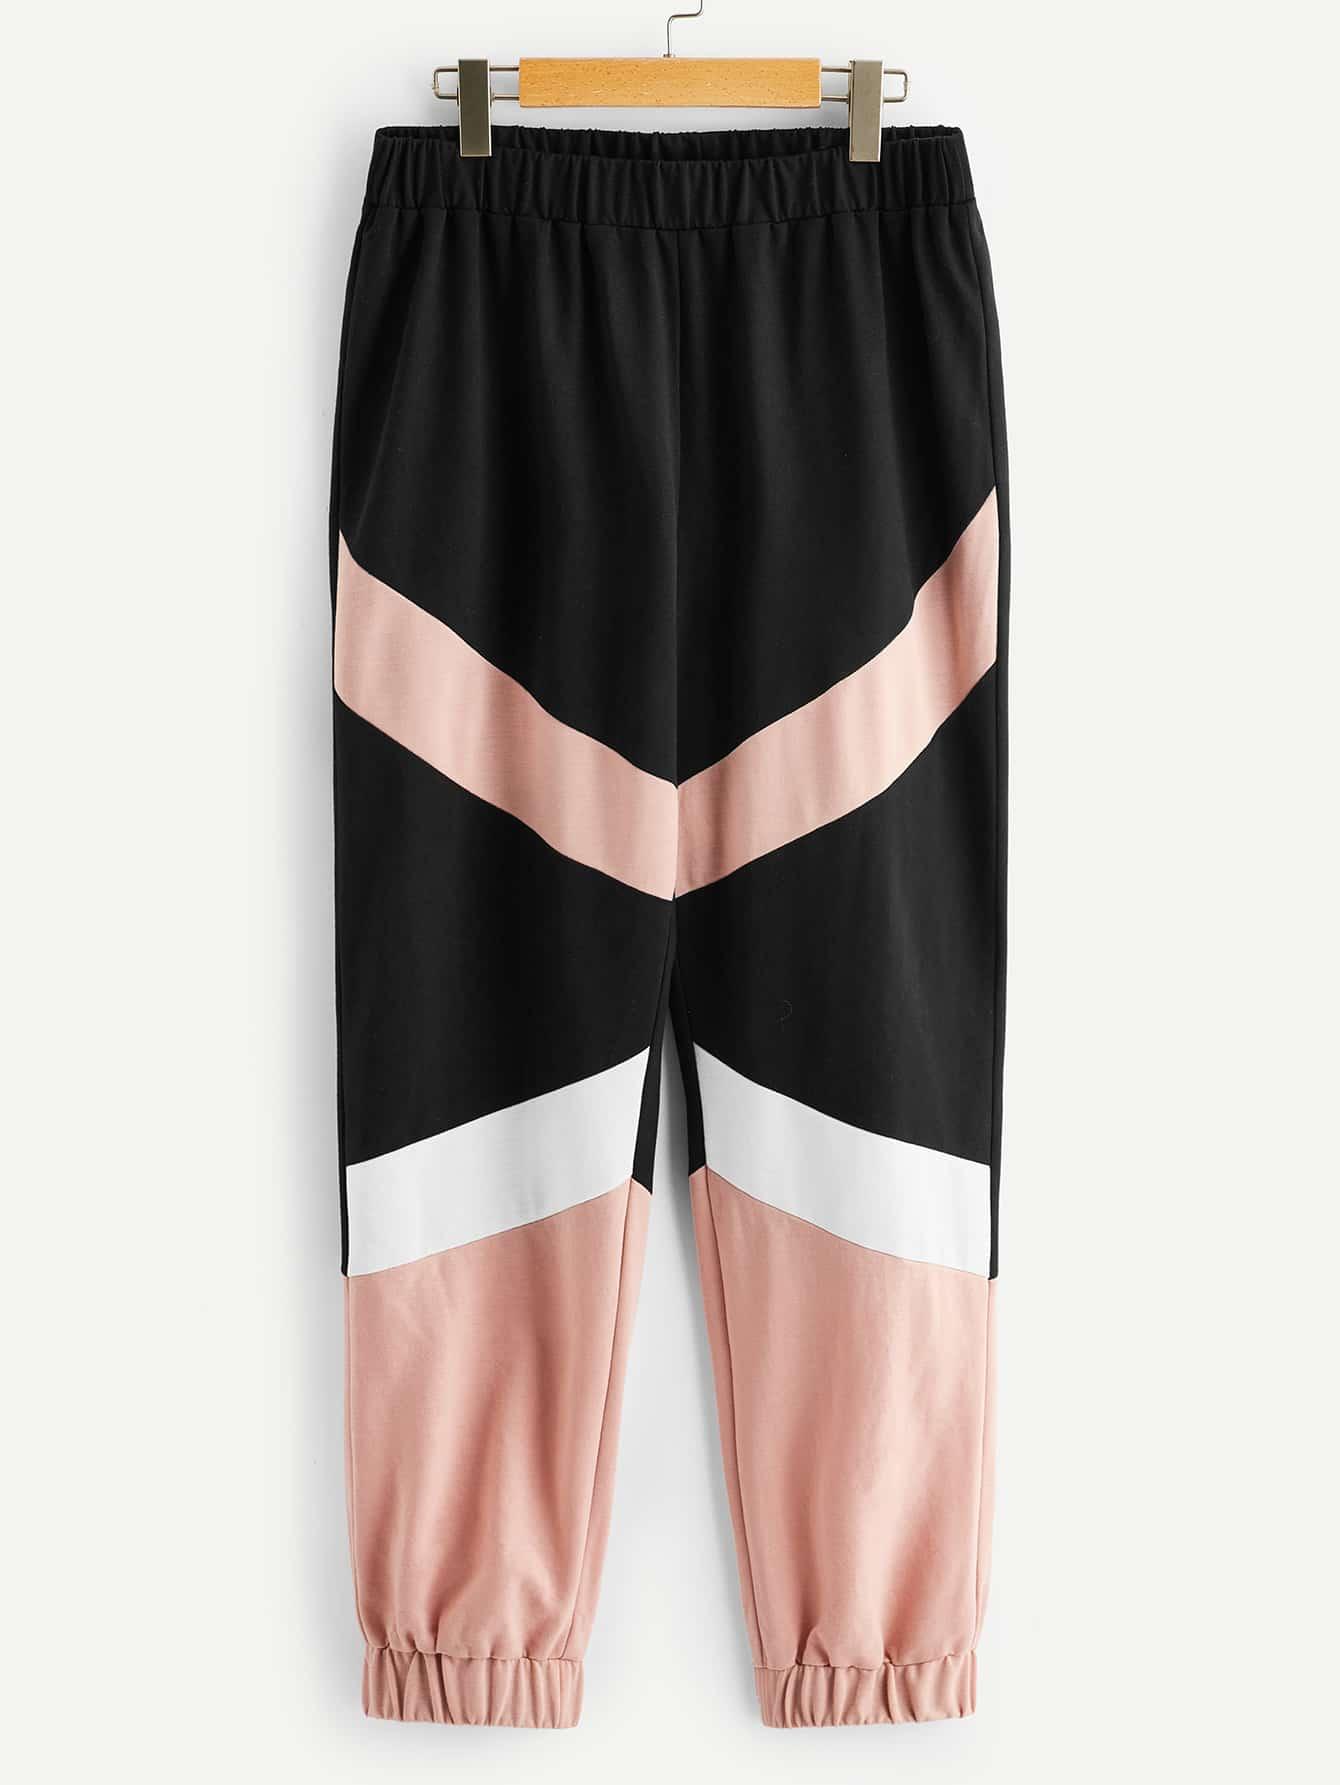 Купить Размер плюс контрастные спортивные брюки с эластичной талией, null, SheIn